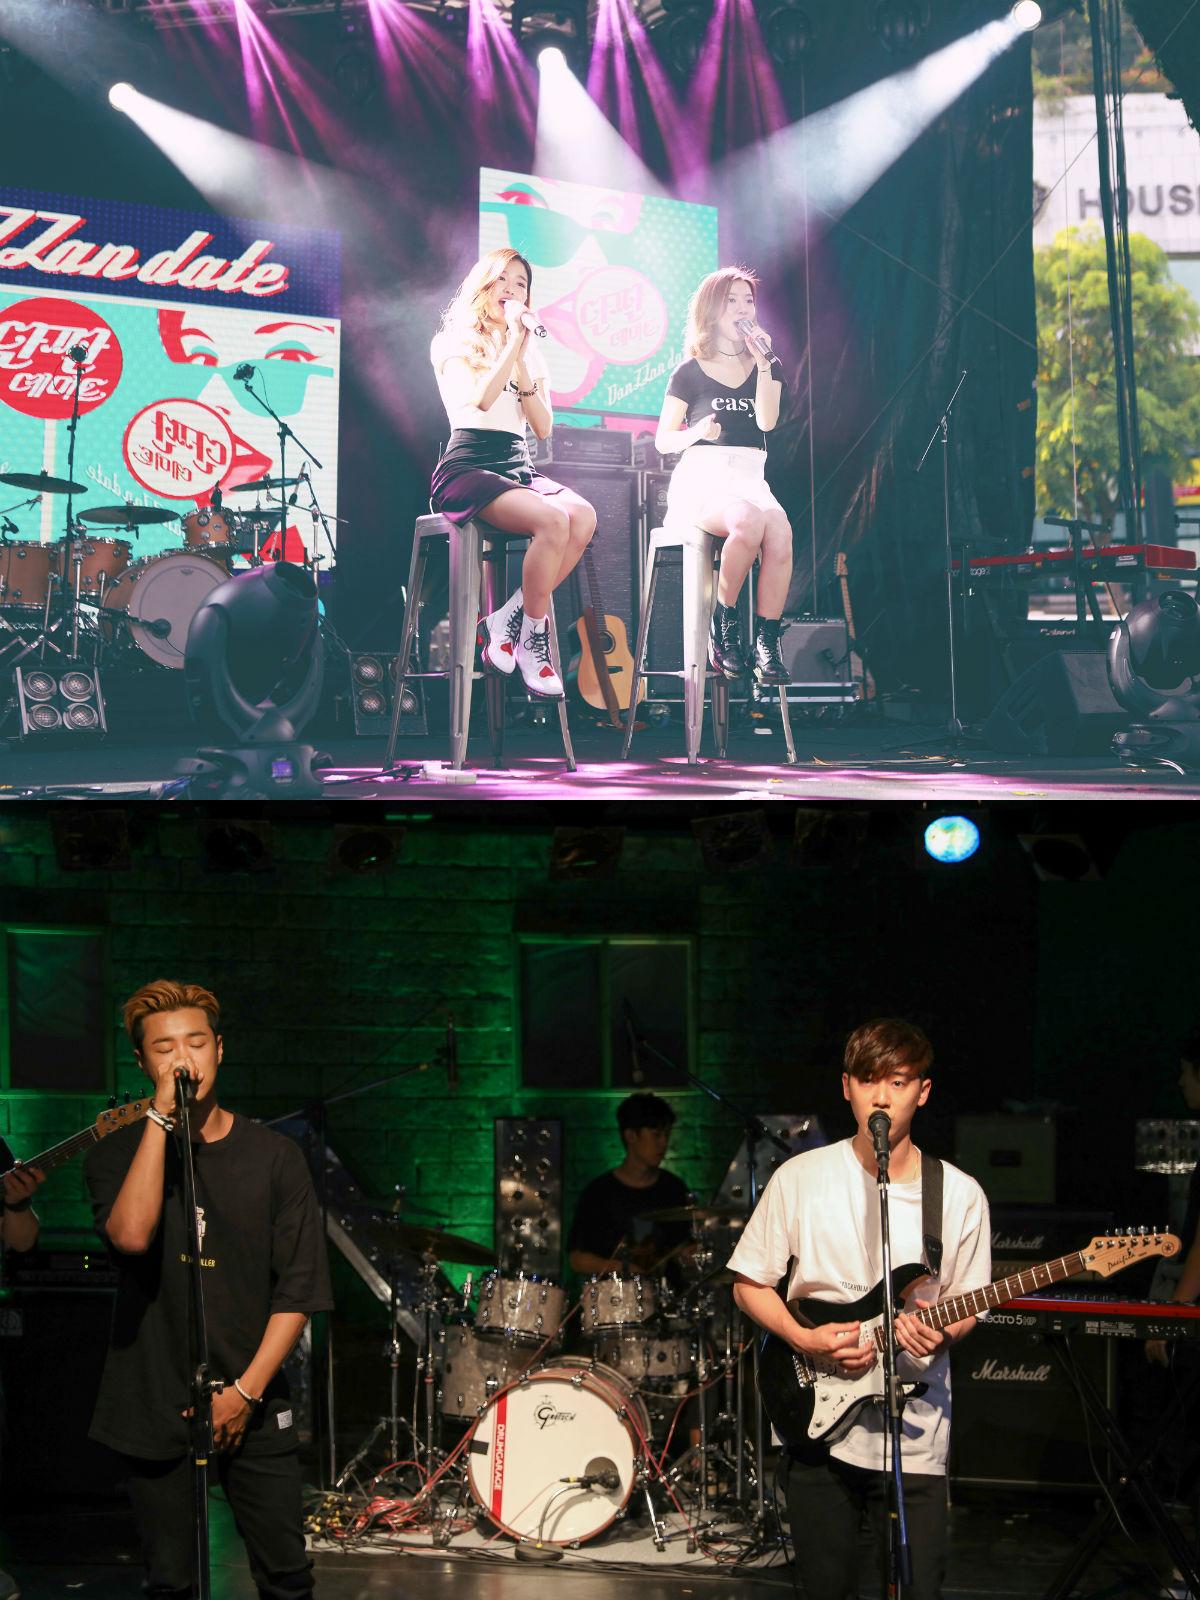 와블-닉앤쌔미, '케이팝 대표 뮤지션' 선정! '글로벌 인플루언서' 만나다